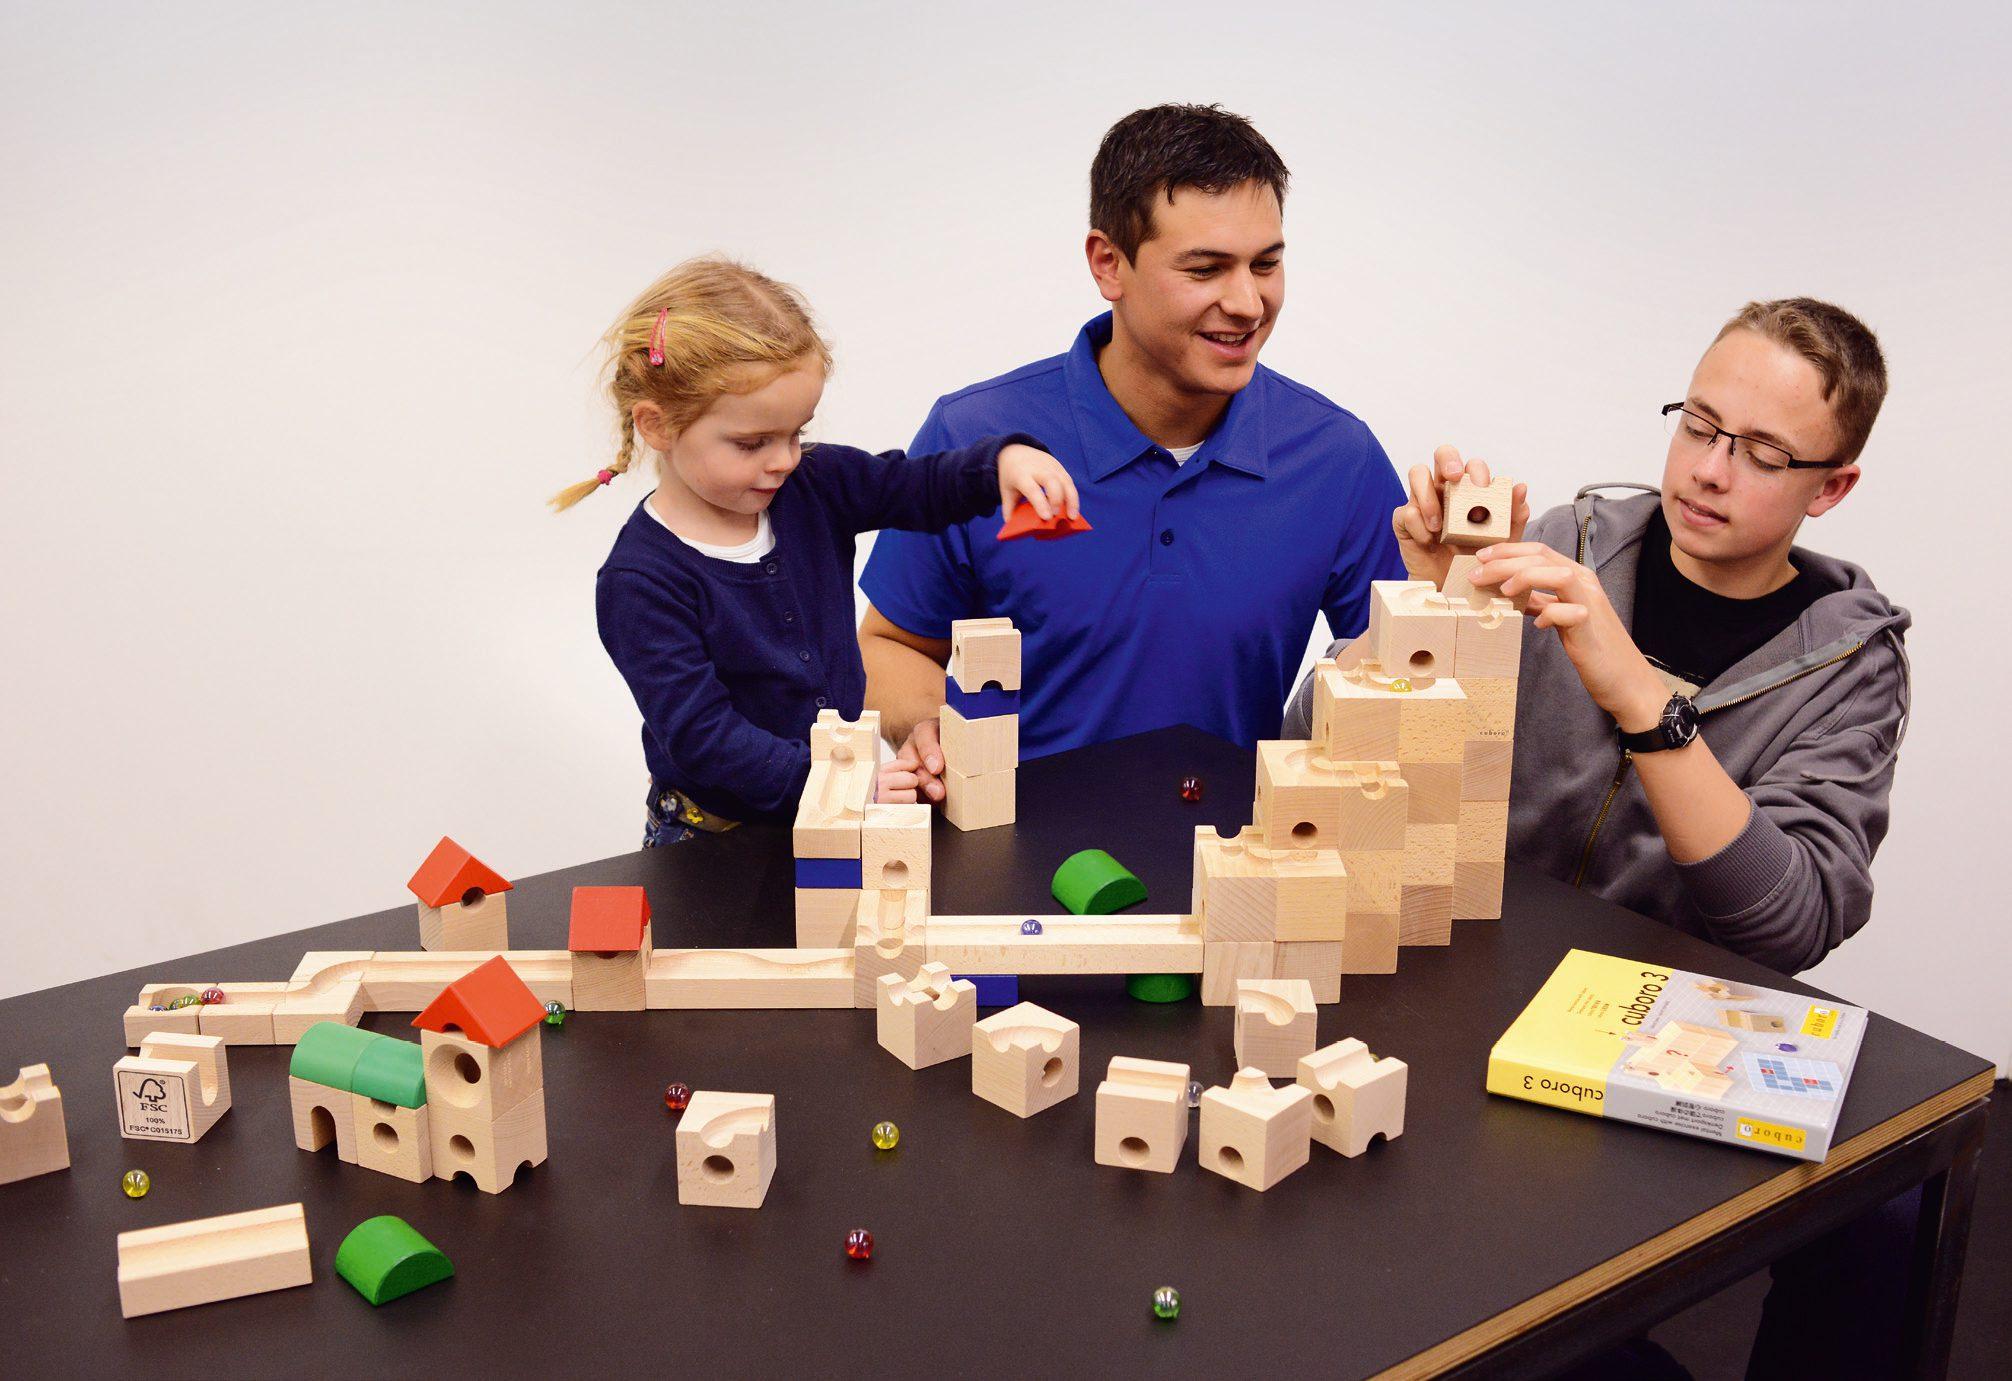 juguetes ideales para jugar en familia